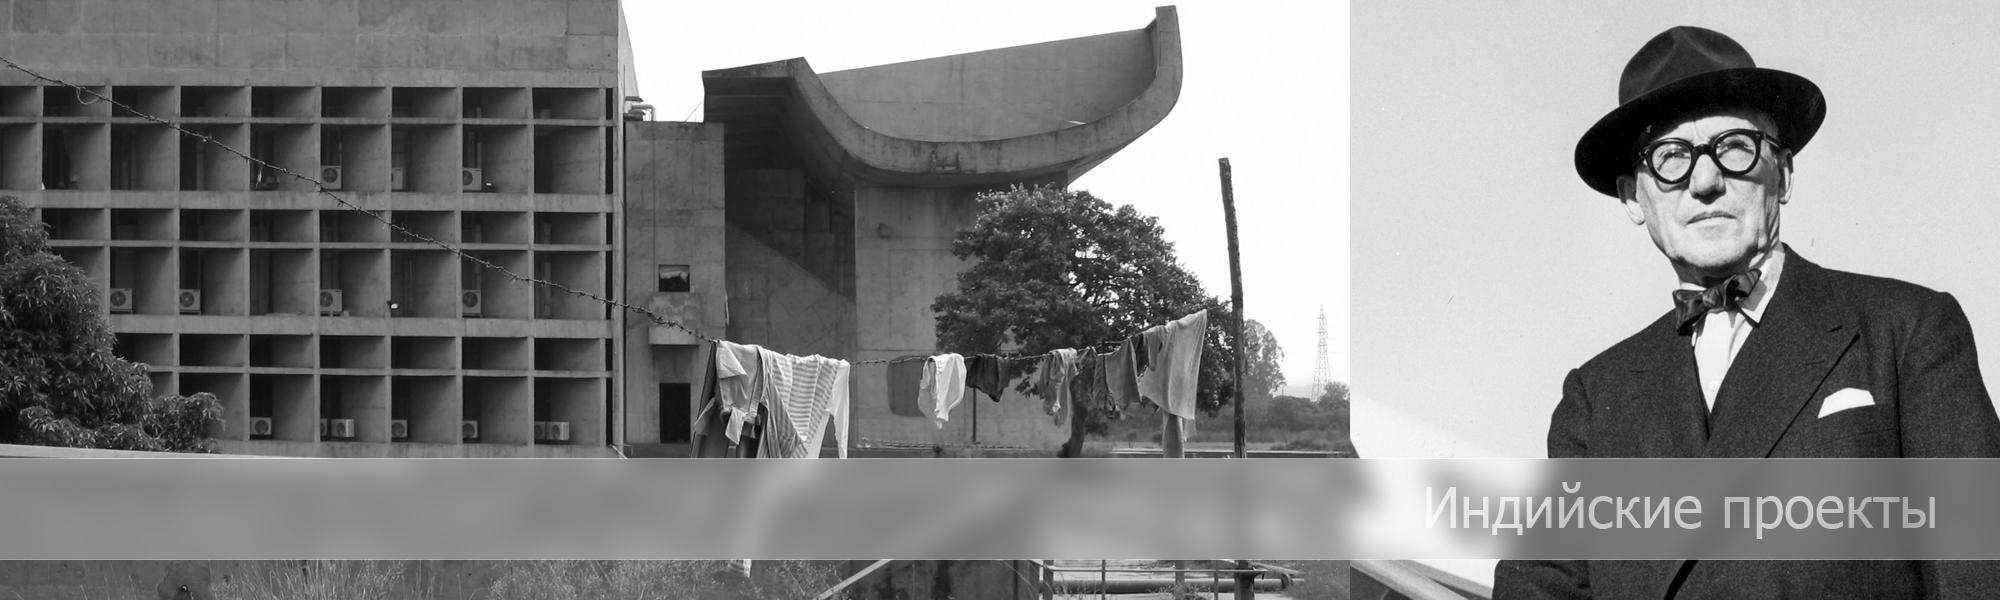 Индийские проекты Ле Корбюзье